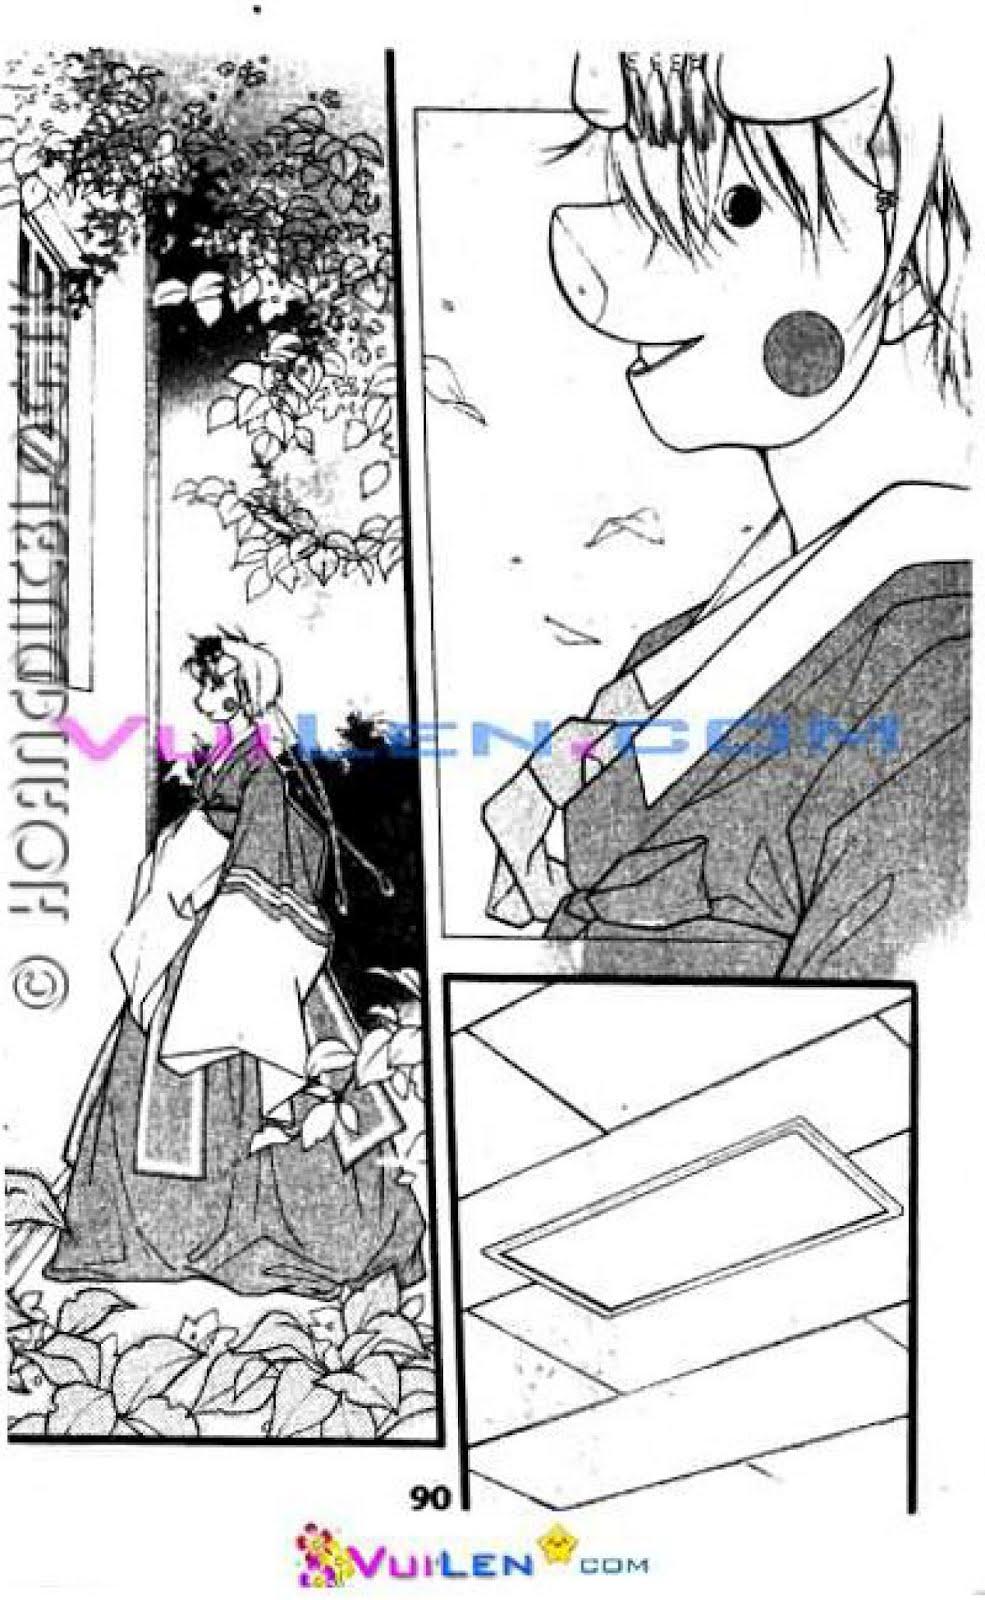 Cô dâu Heo - Pig Bride Chapter 1 - Trang 88